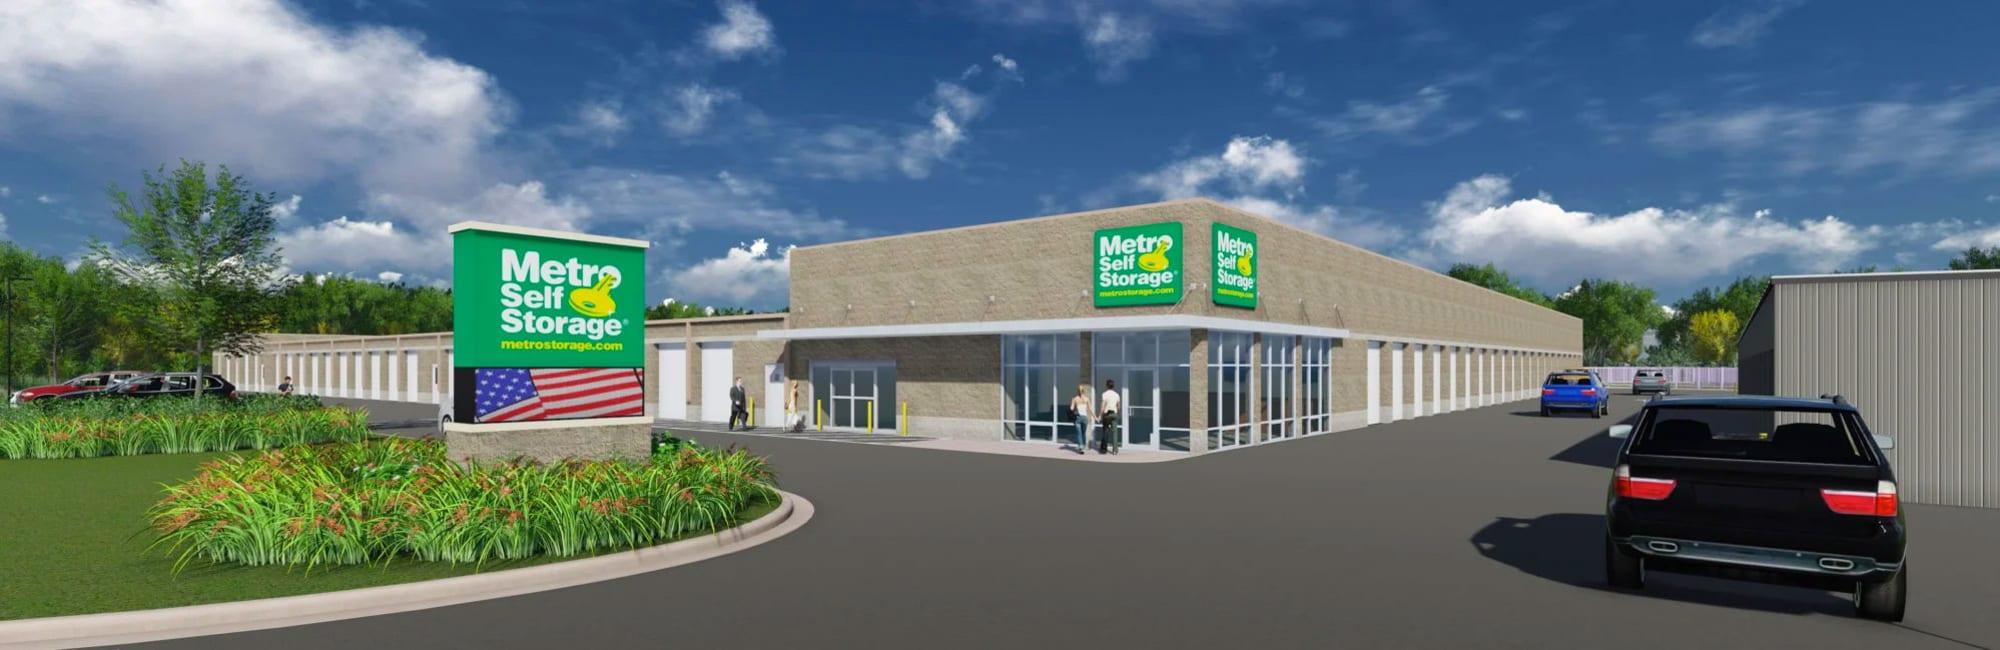 Metro Self Storage in Mount Laurel, New Jersey